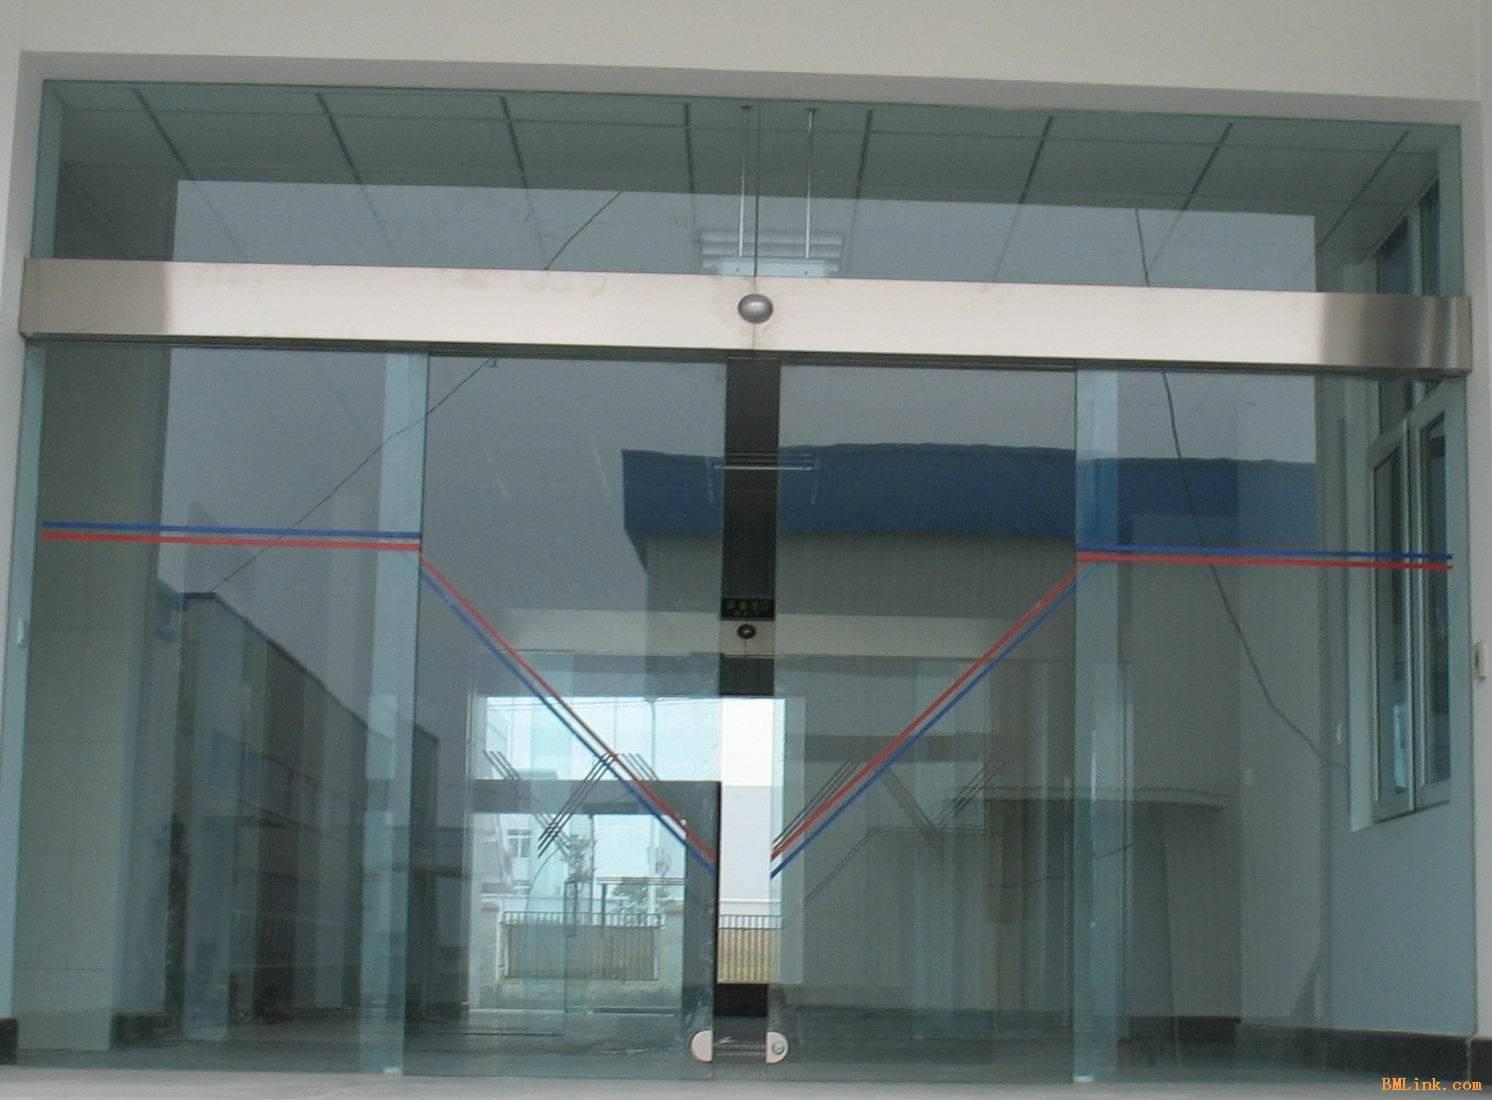 商场玻璃感应门  订货量 价格(不含税) 不限 电议 供应标题:商场玻璃